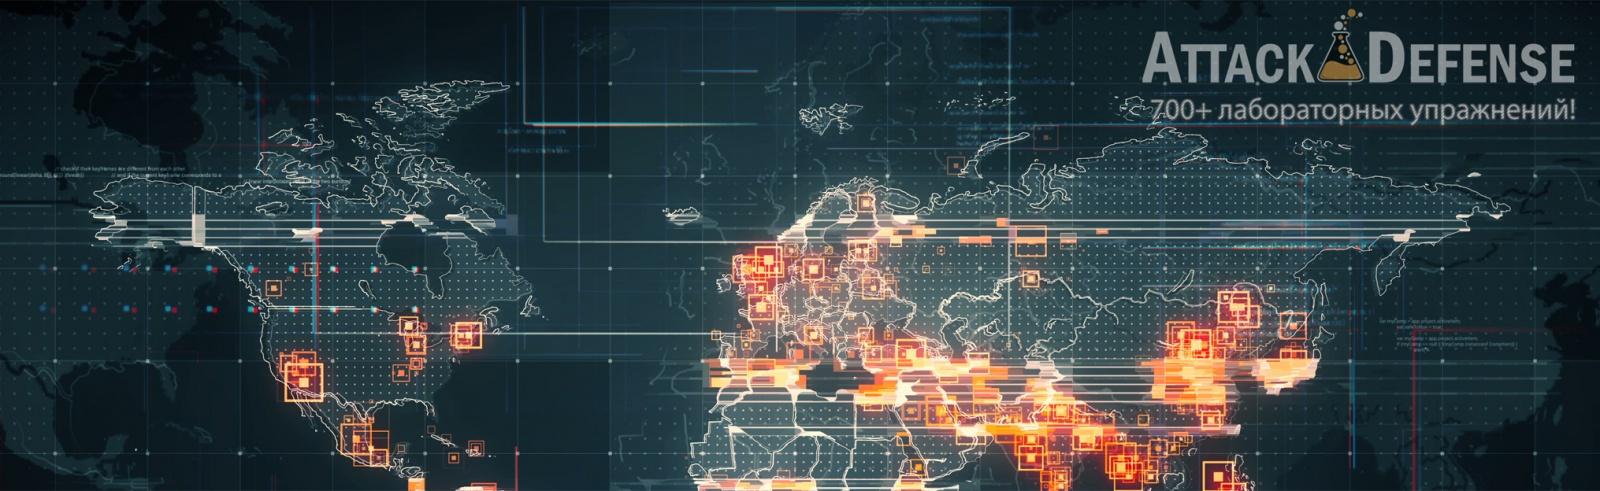 Инстансы по информационной безопасности на платформе attackdefense.com - 1